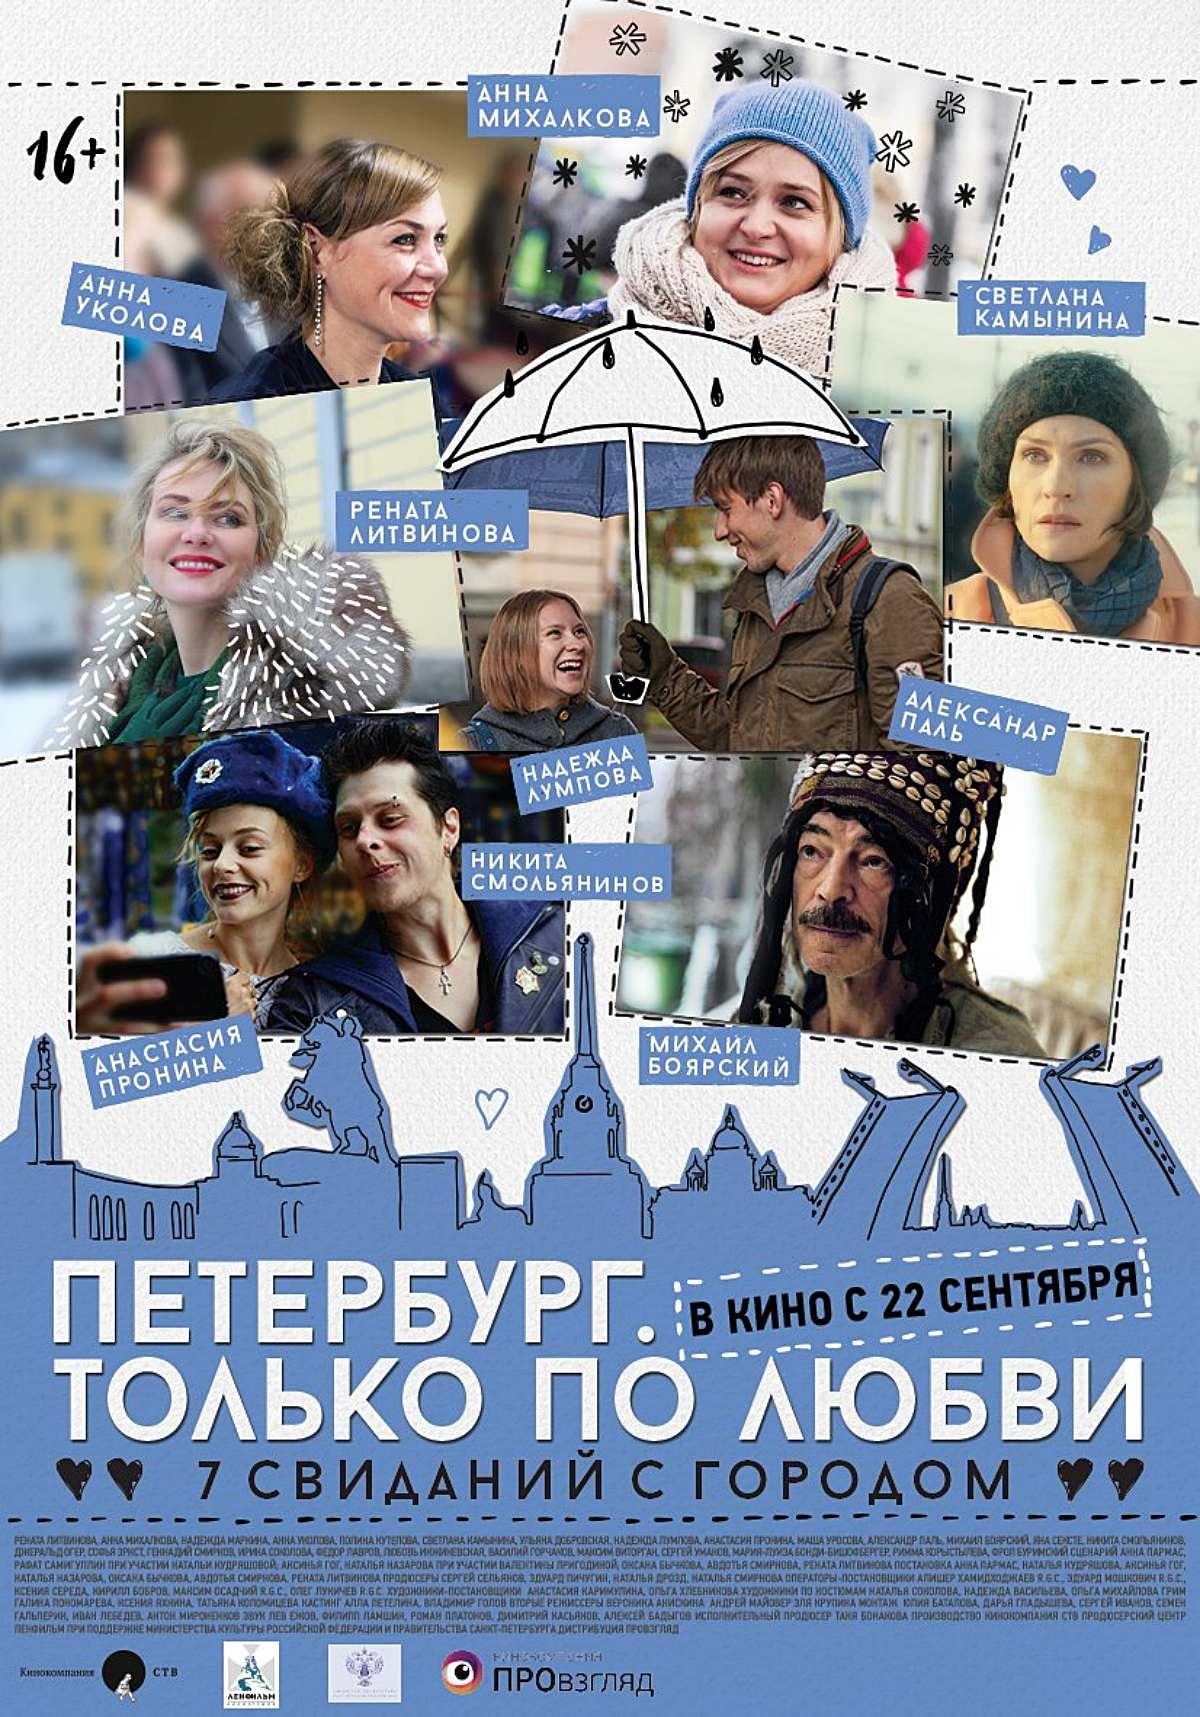 Петербург. Только по любви [2016]